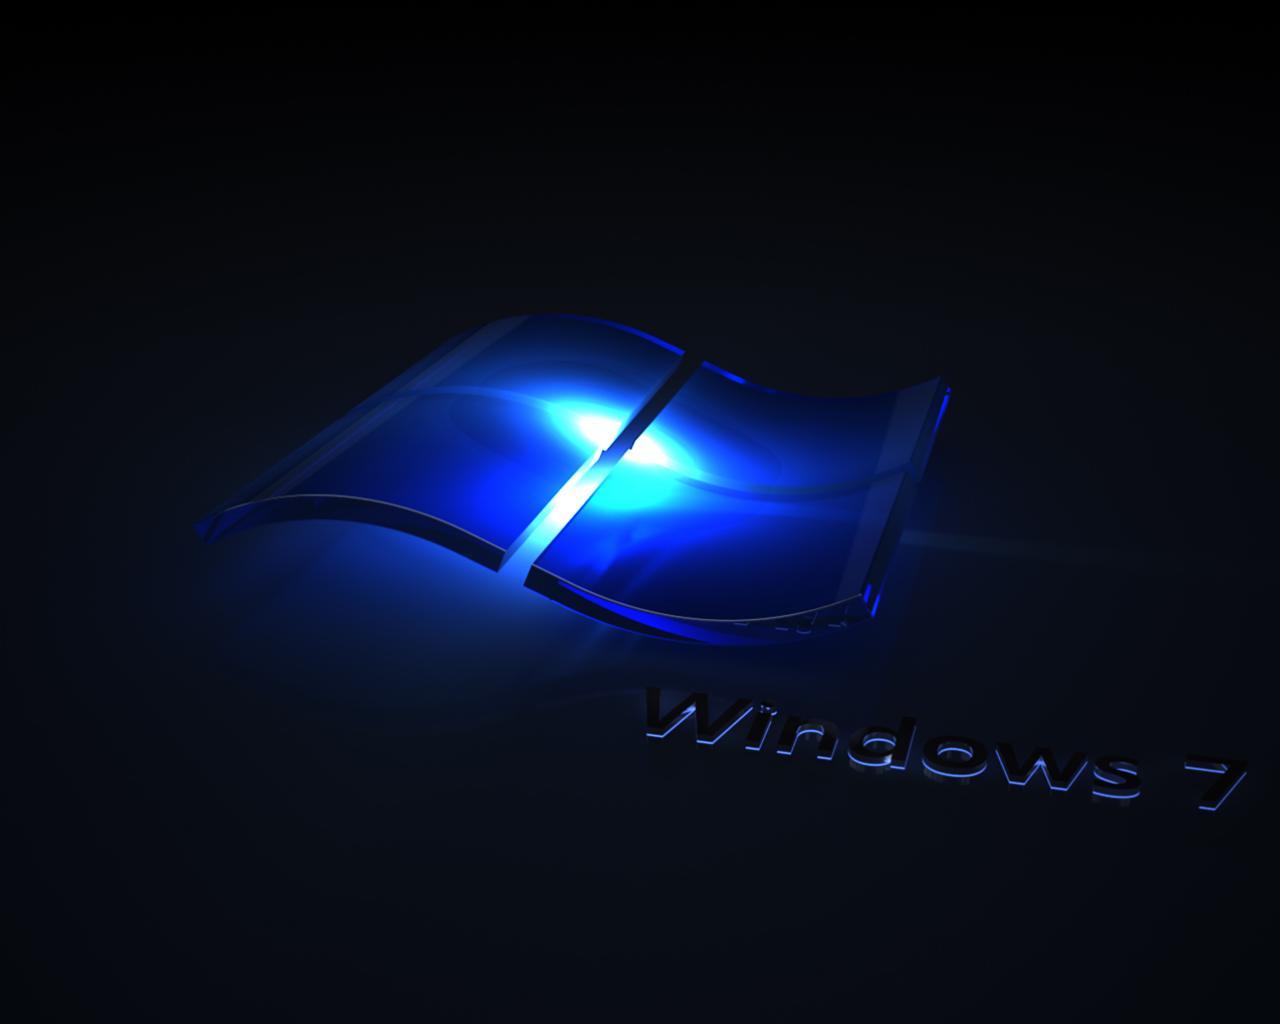 Windows 7 черные обои для рабочего стола